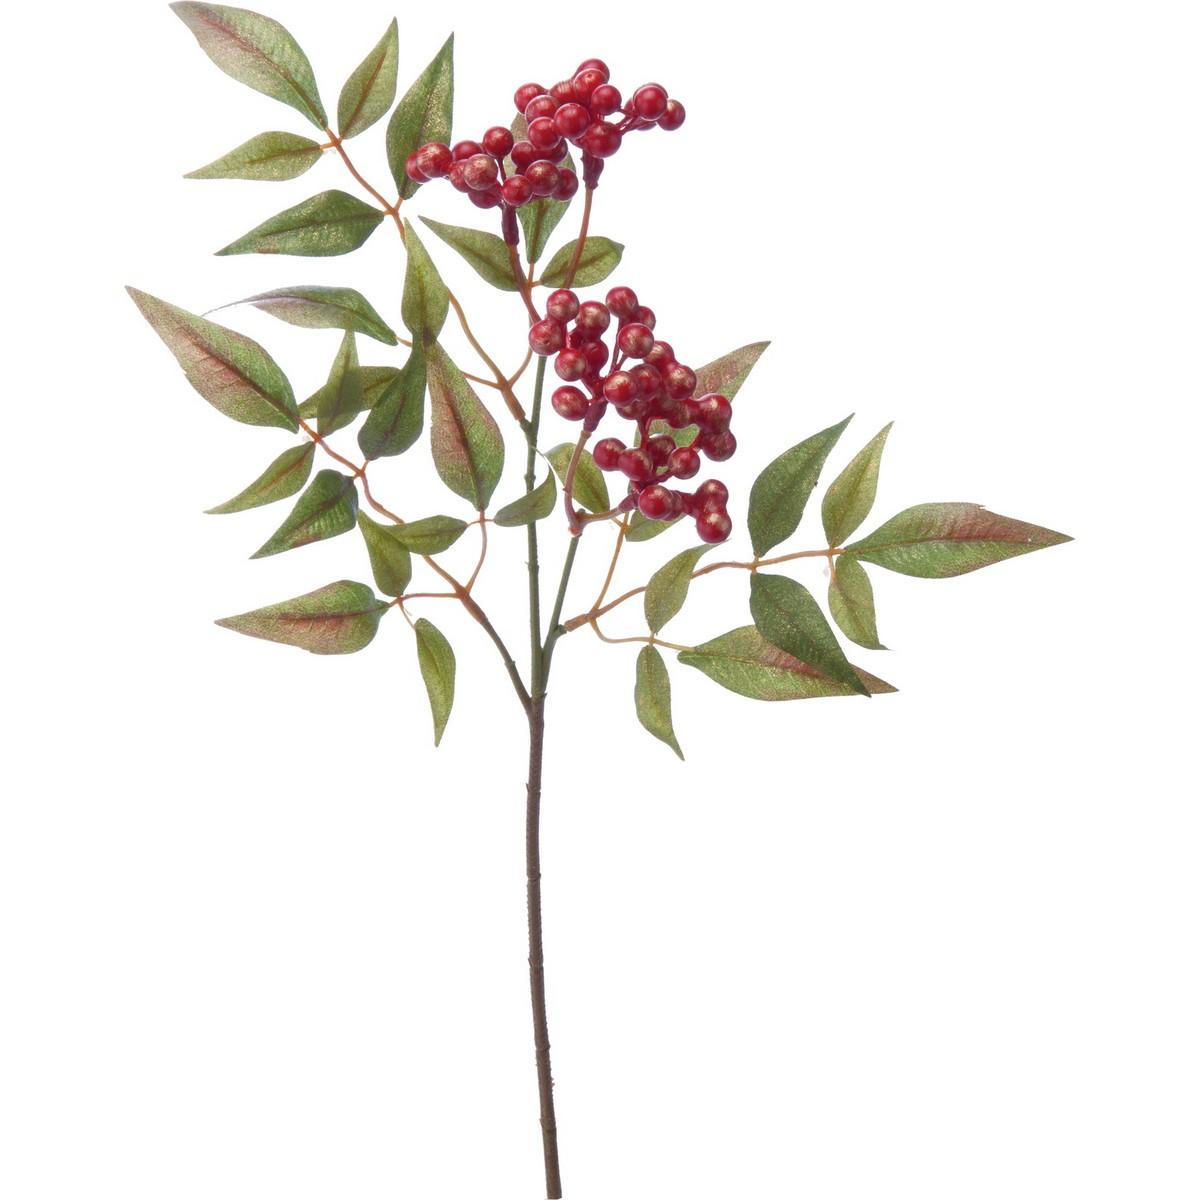 【造花】YDM/ブラッシュ南天スプレー レッド/FS-5254-R【01】【取寄】《 造花(アーティフィシャルフラワー) 造花実物、フェイクフルーツ ナンテン 》